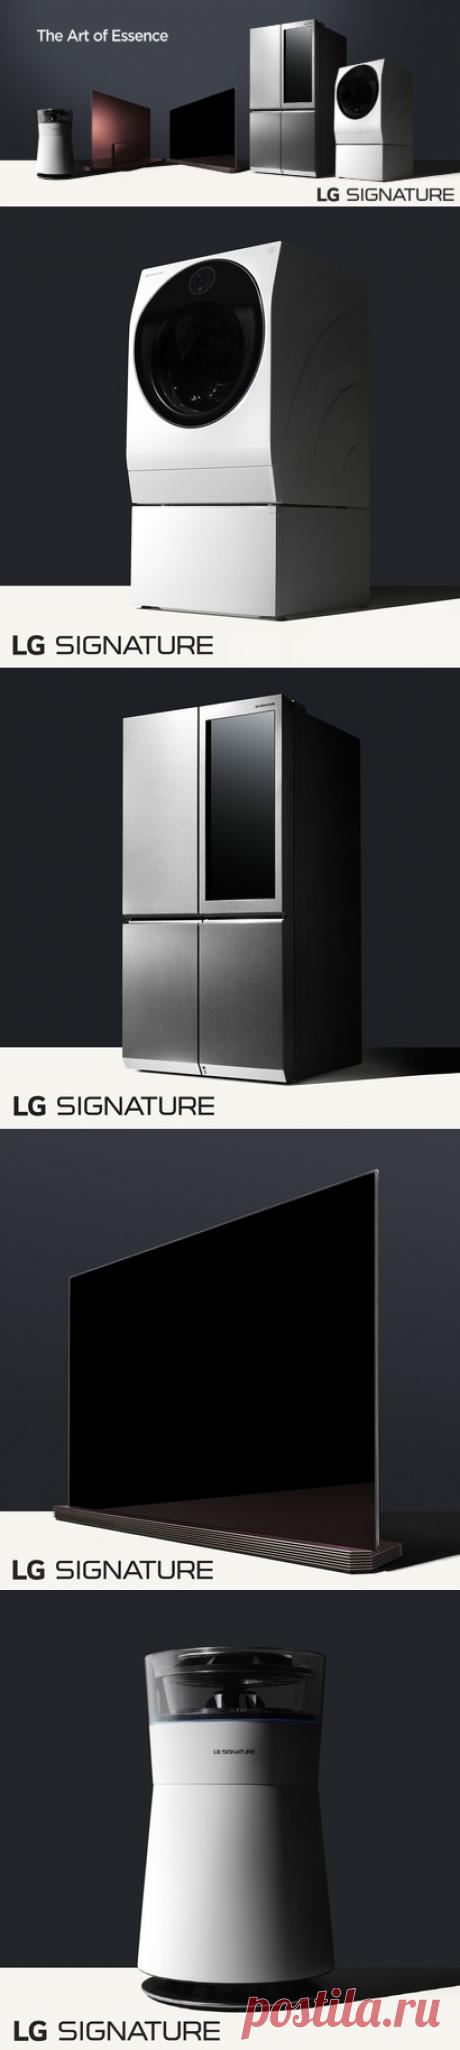 Es presentado el televisor único por el espesor de 2,57 mm y el refrigerador que se autoabre - Hi-Tech Mail.Ru